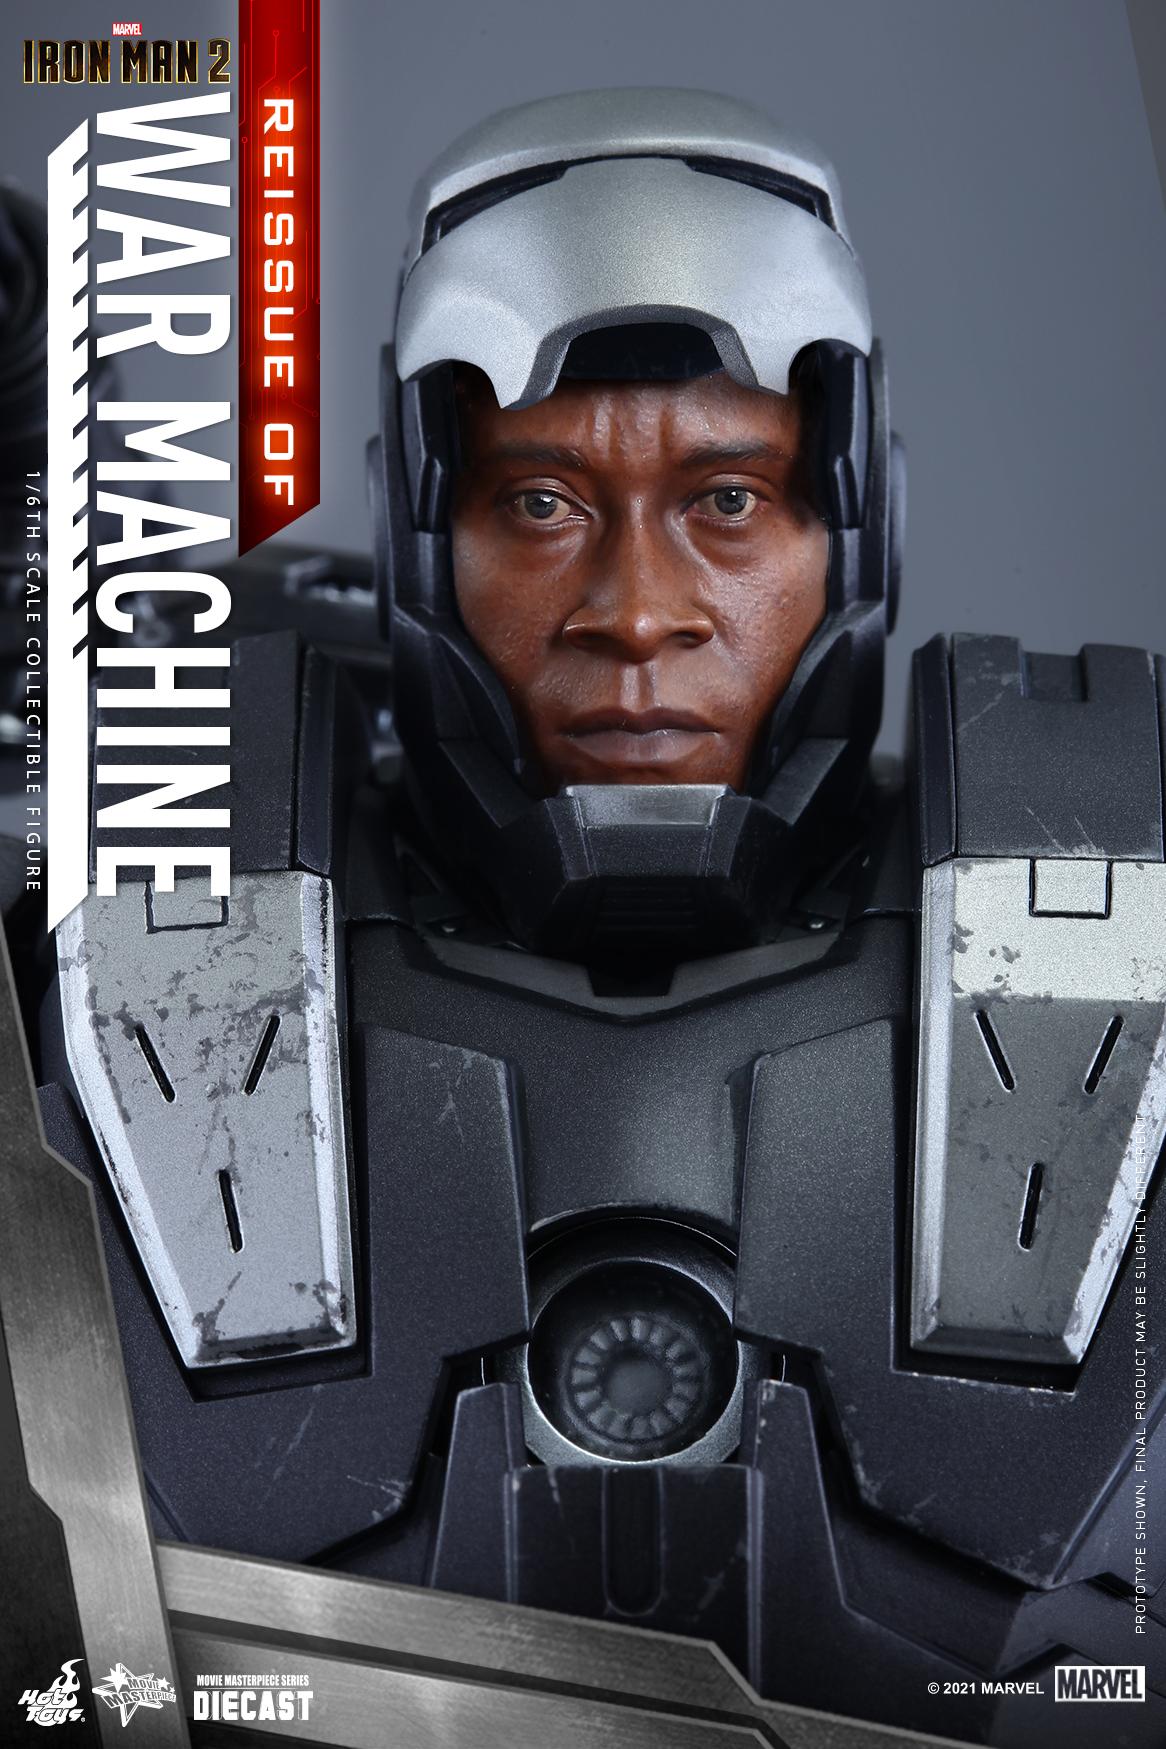 Hot Toys - IM2 - War Machine (Diecast) collectible figure_Re_PR11